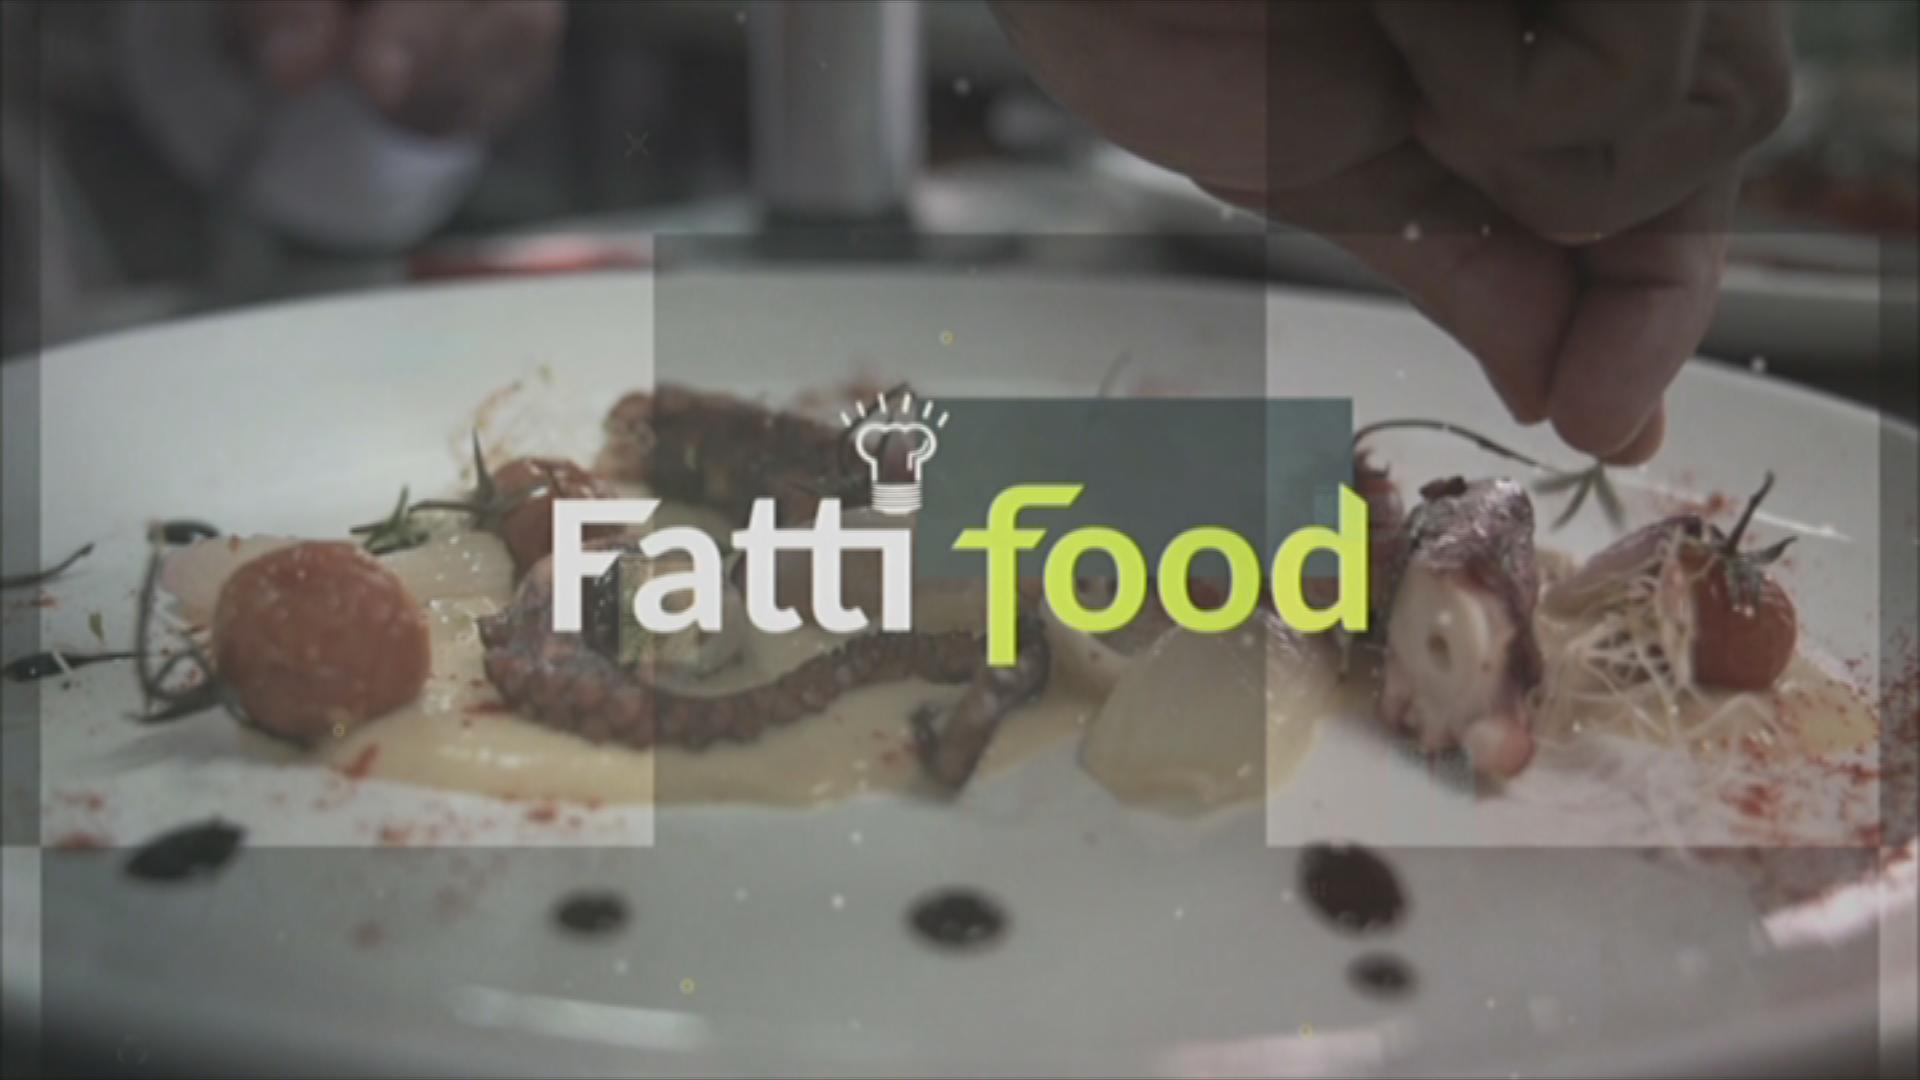 Fatti Food